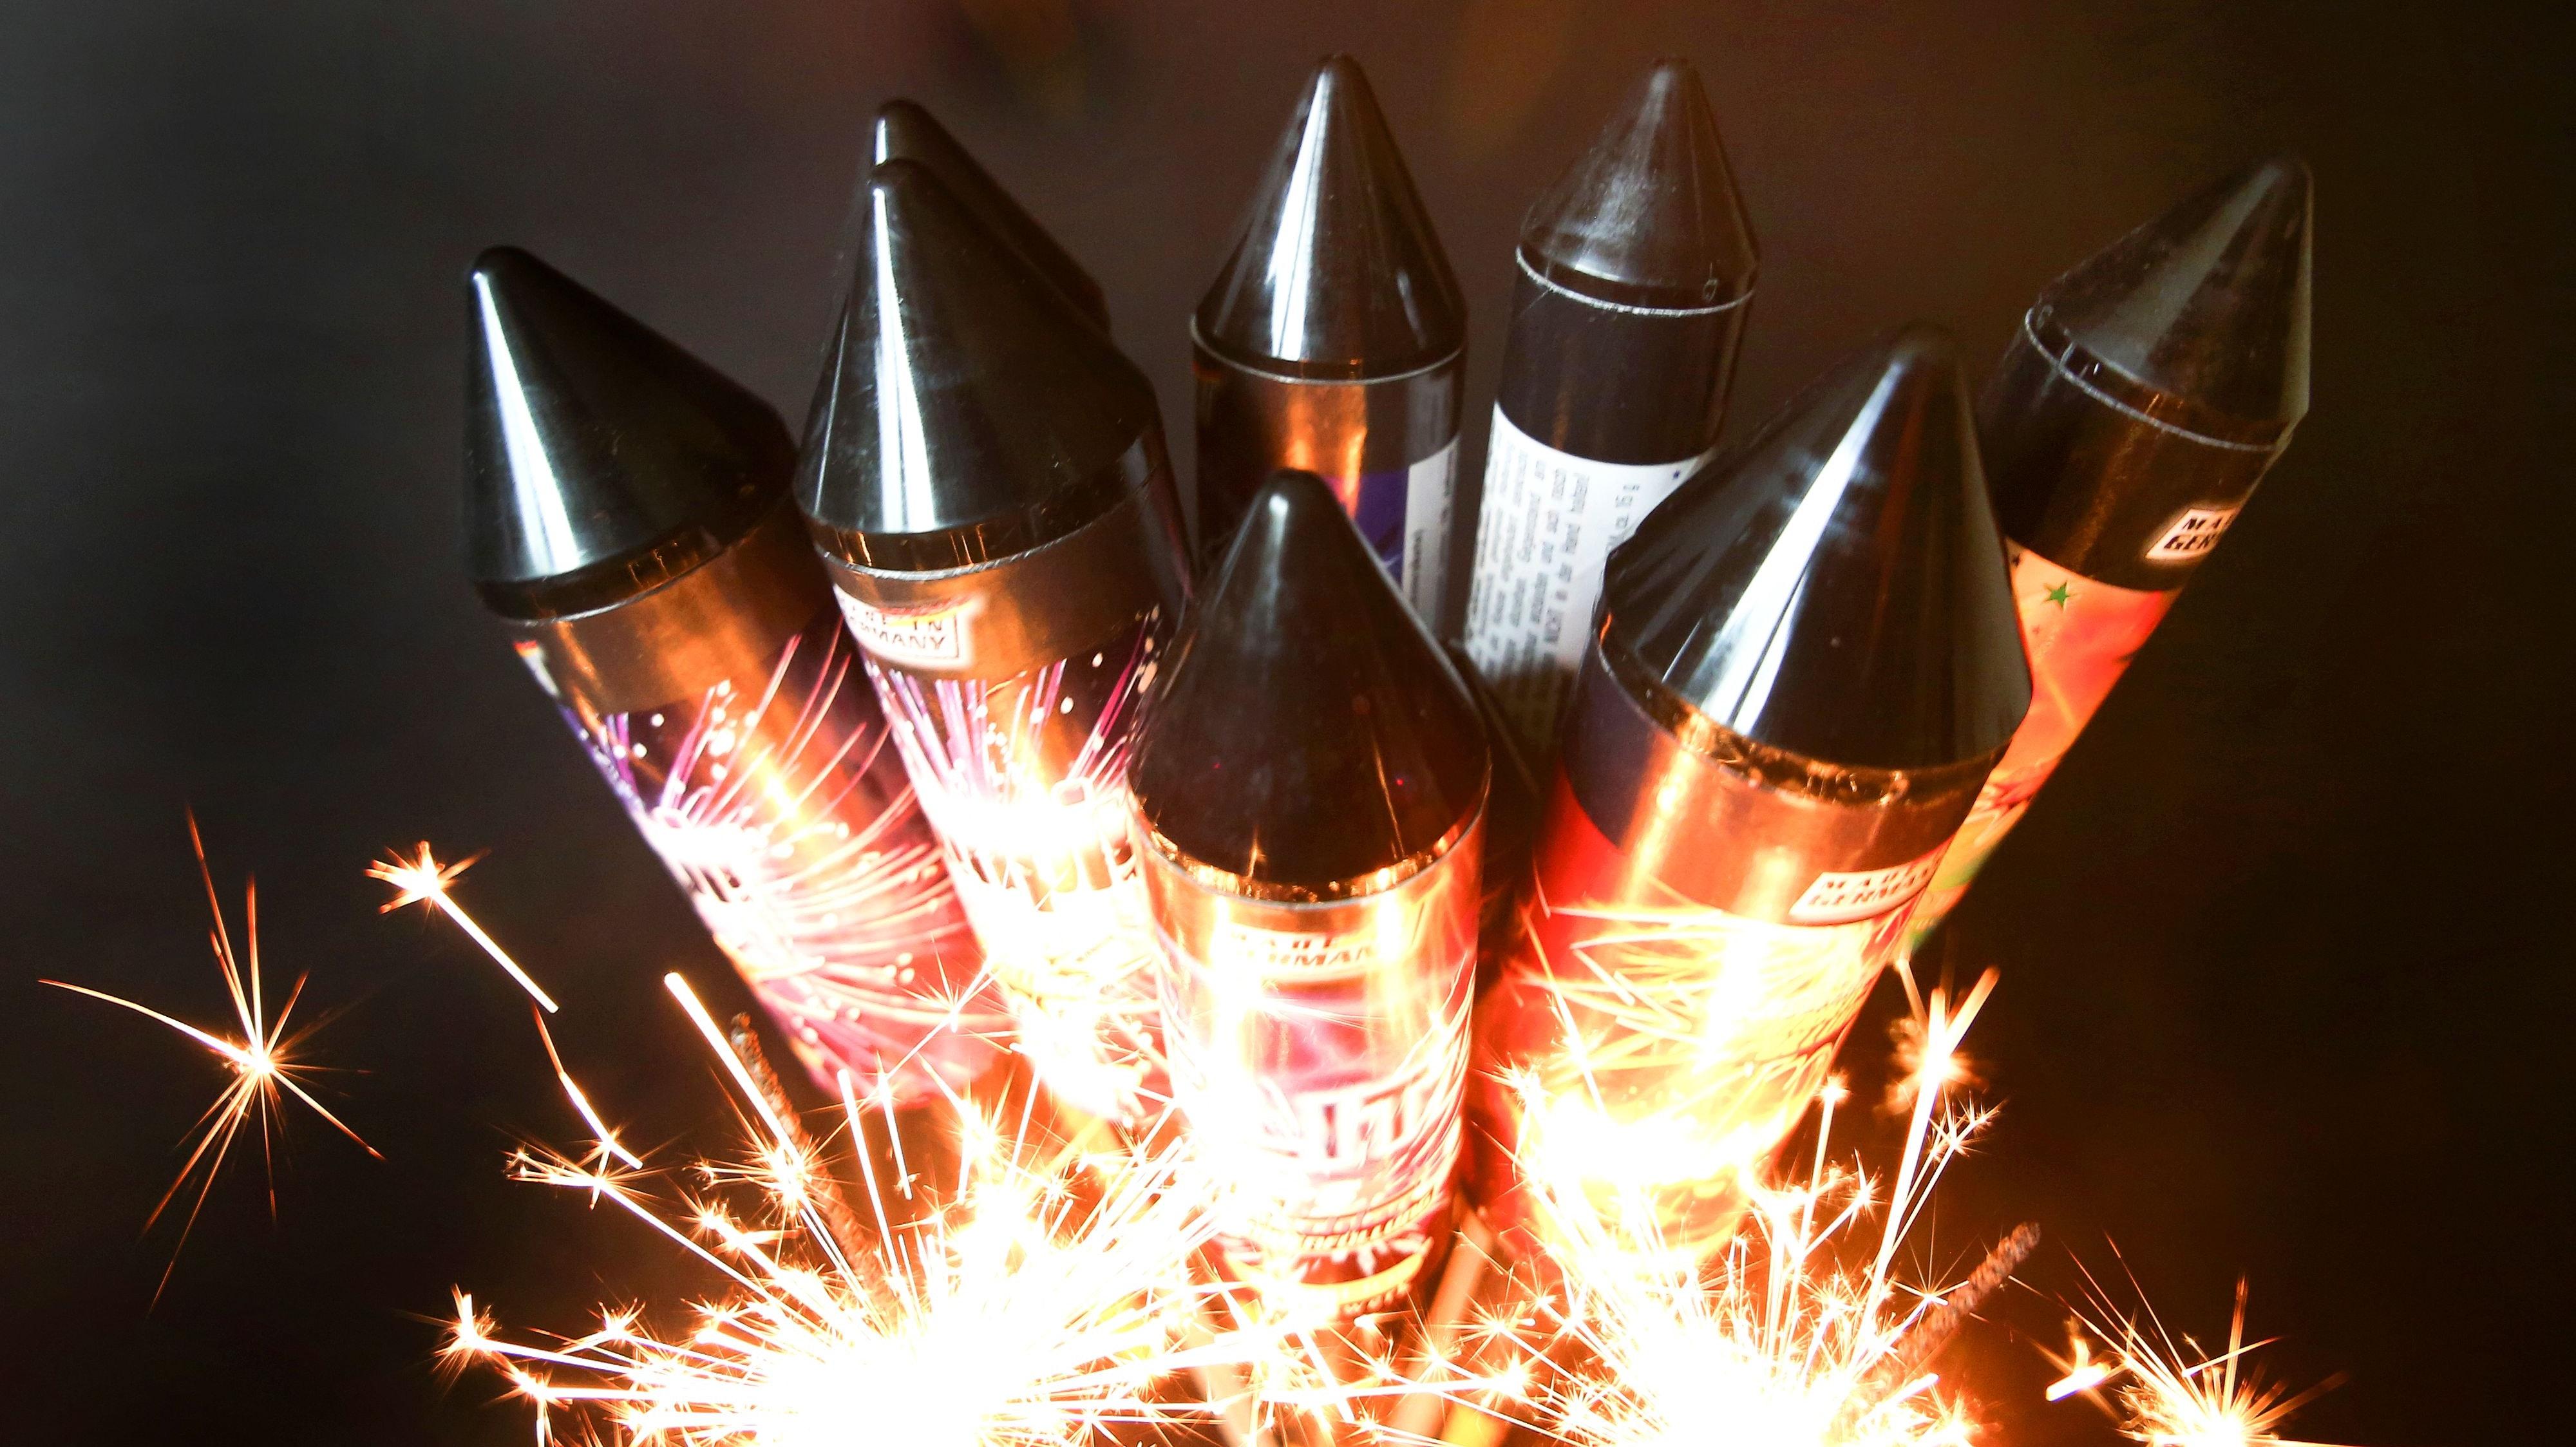 Bitte keine Knallerei: Die Cloppenburger Verwaltung bittet um einen Verzicht auf das Silvester-Feuerwerk. Foto: dpa/Weihrauch